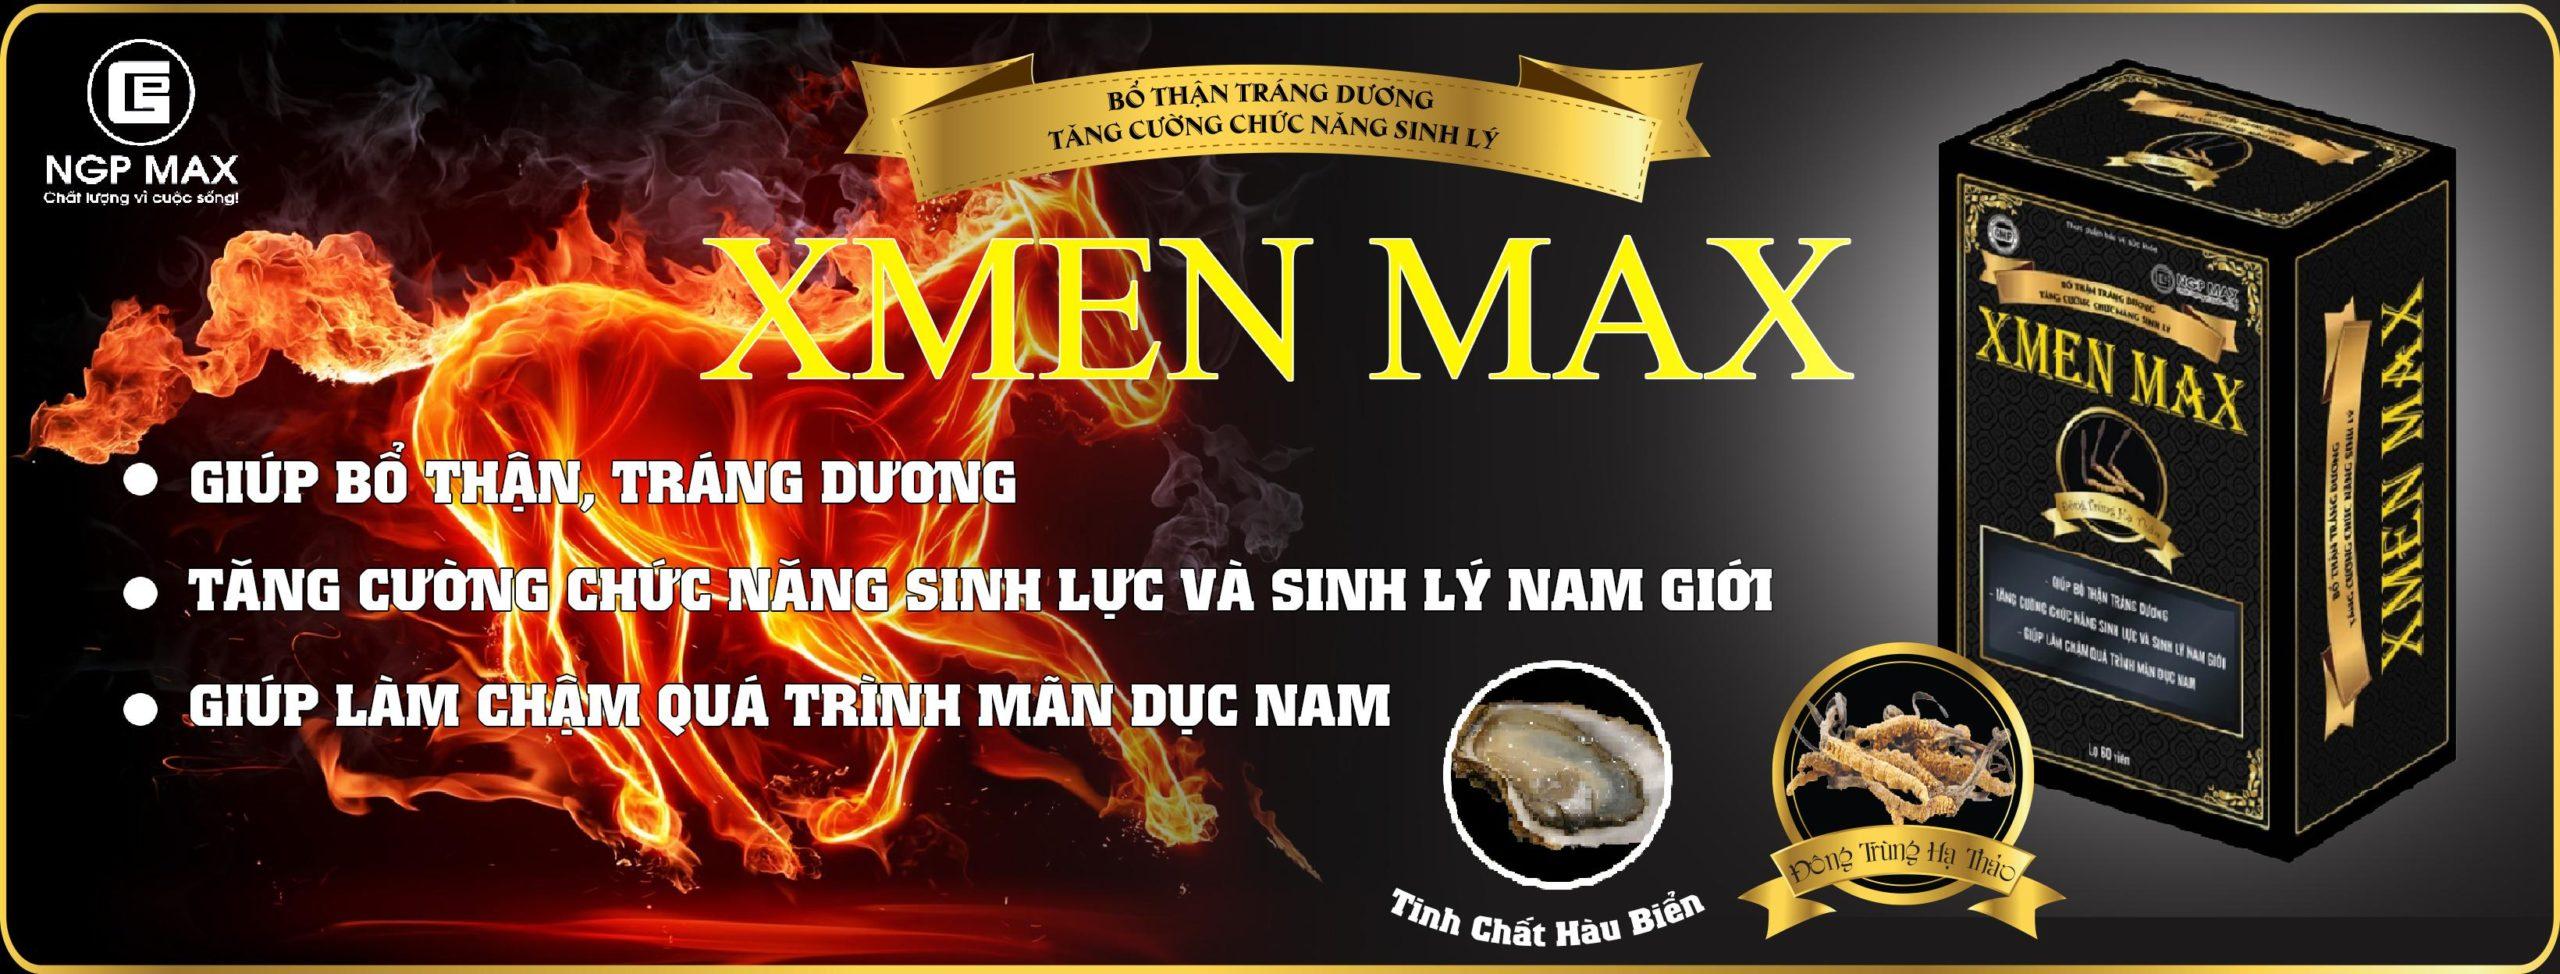 Thực phẩm NGP MAX